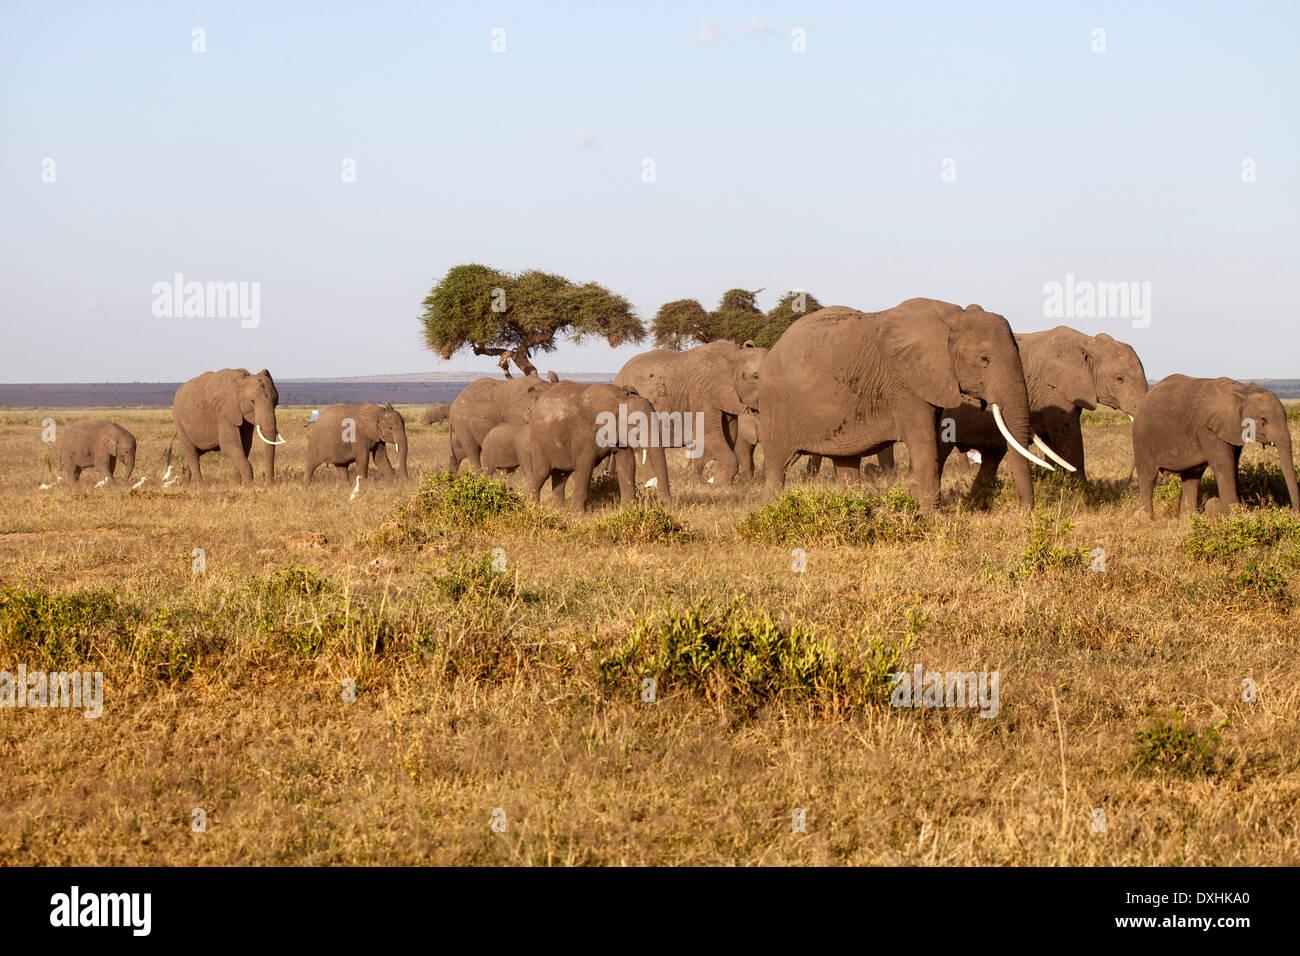 Troupeau de défenses des éléphants en mouvement Photo Stock